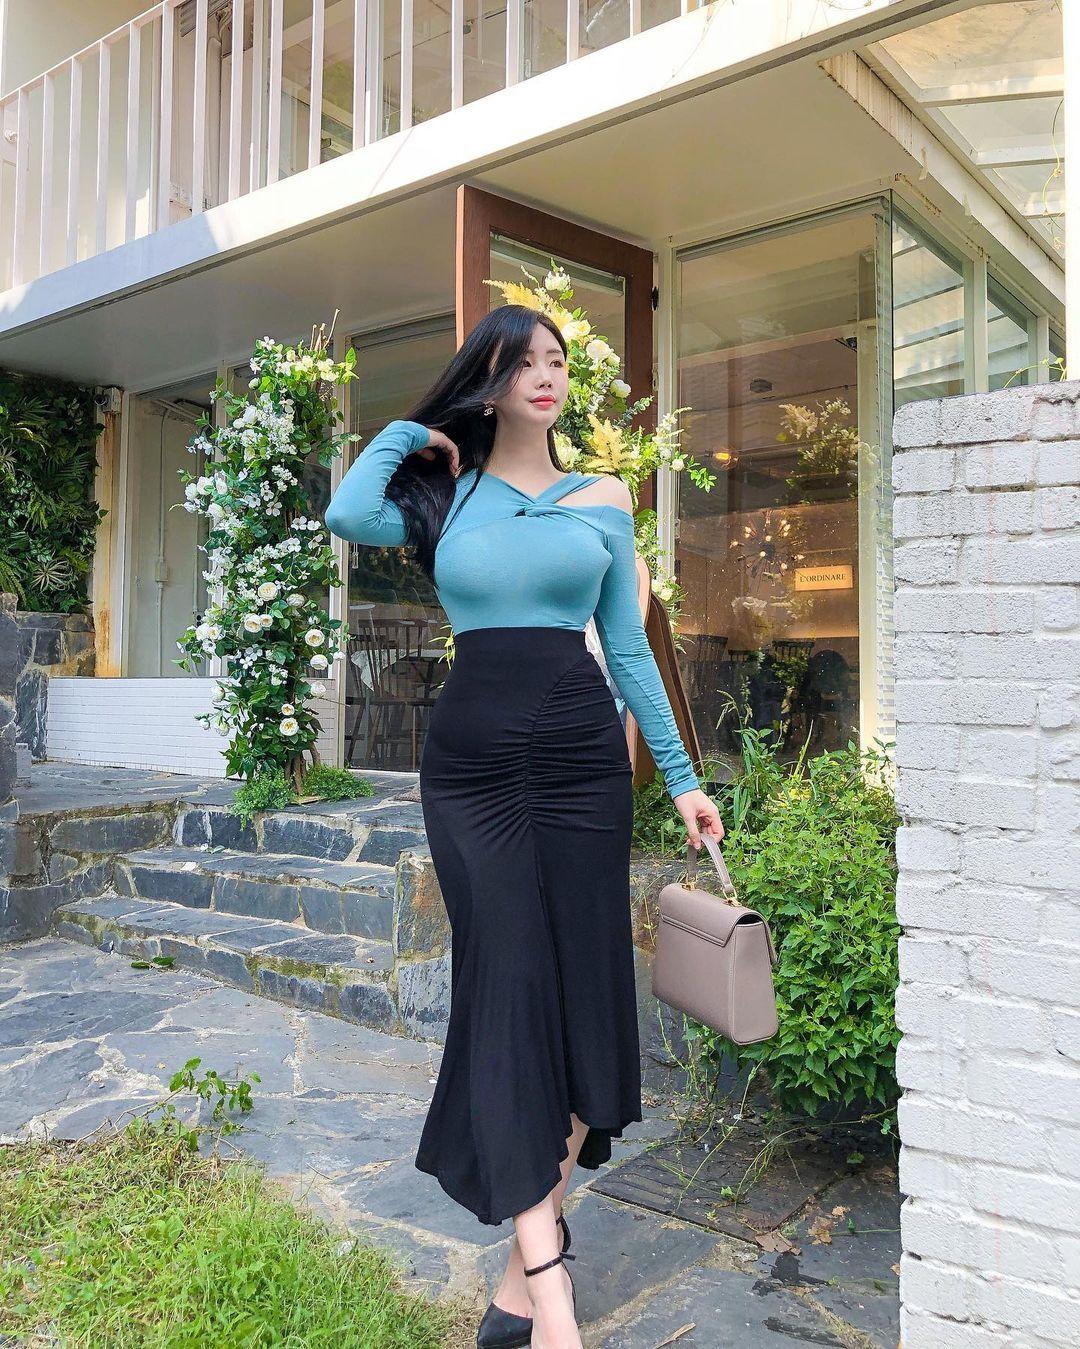 清凉穿着自己卖 [韩国泳衣阙娘Yebin]亲自试穿性感度满点 养眼图片 第4张